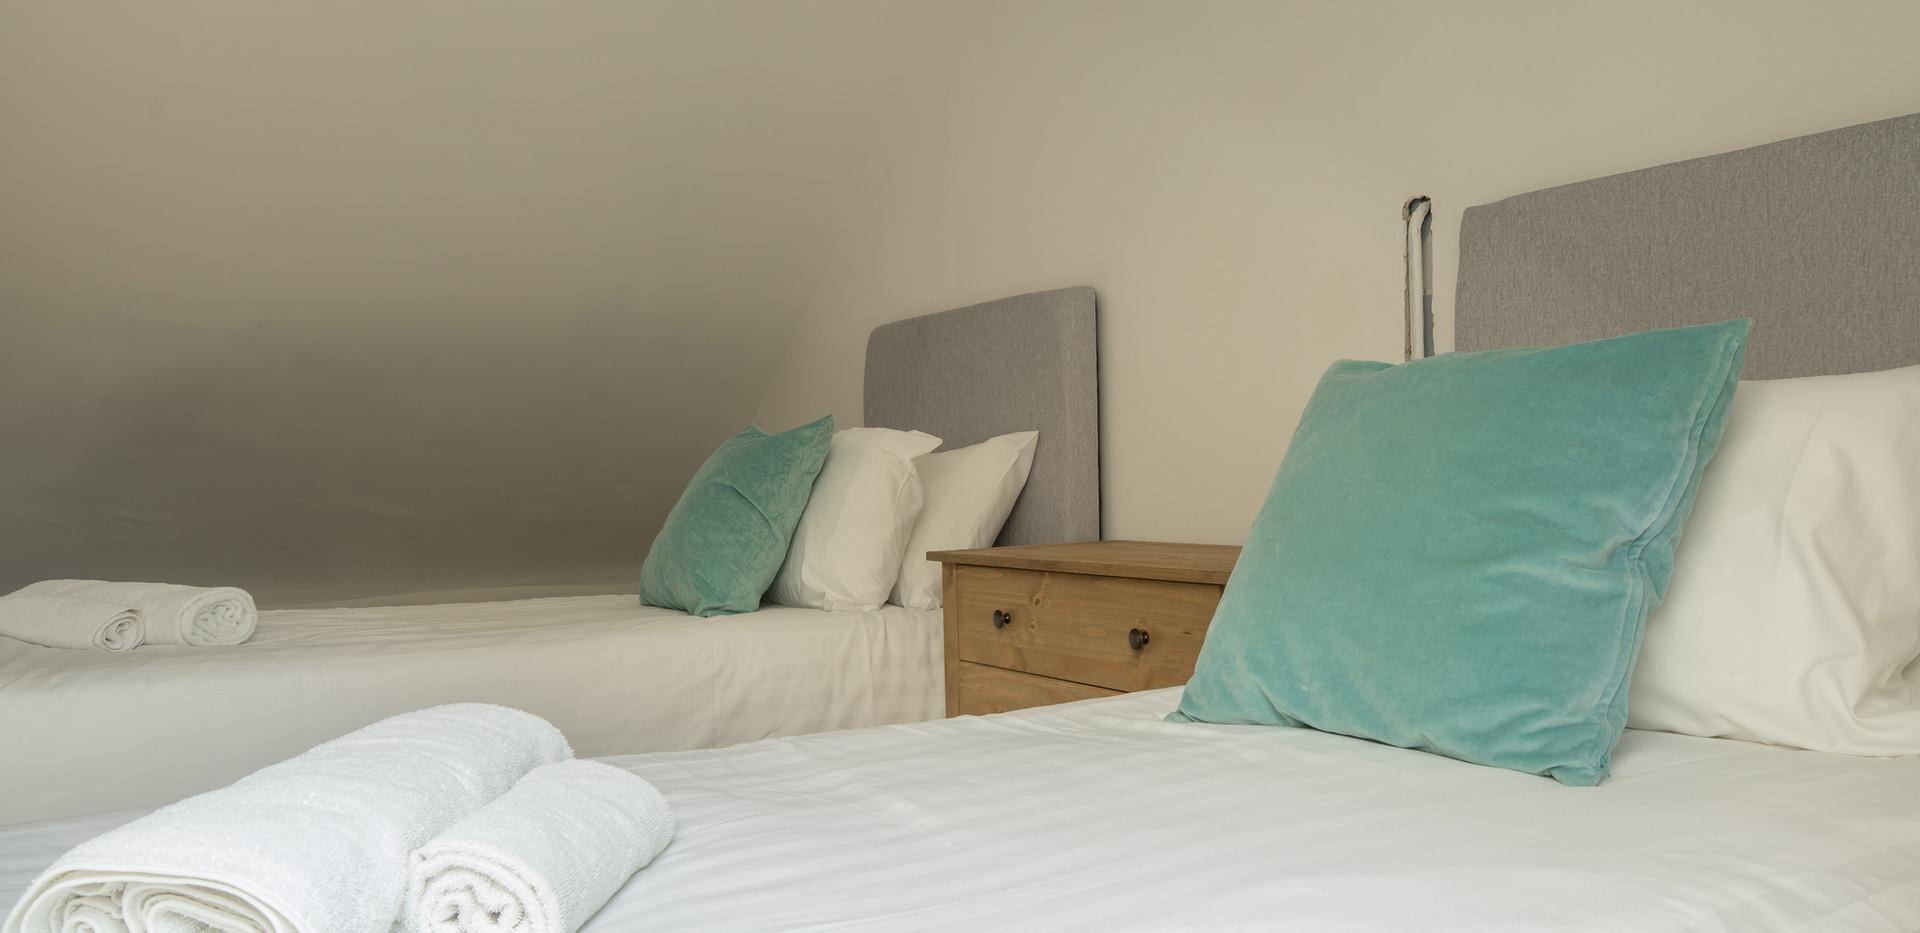 Derwent Bedroom 3 (4).jpg